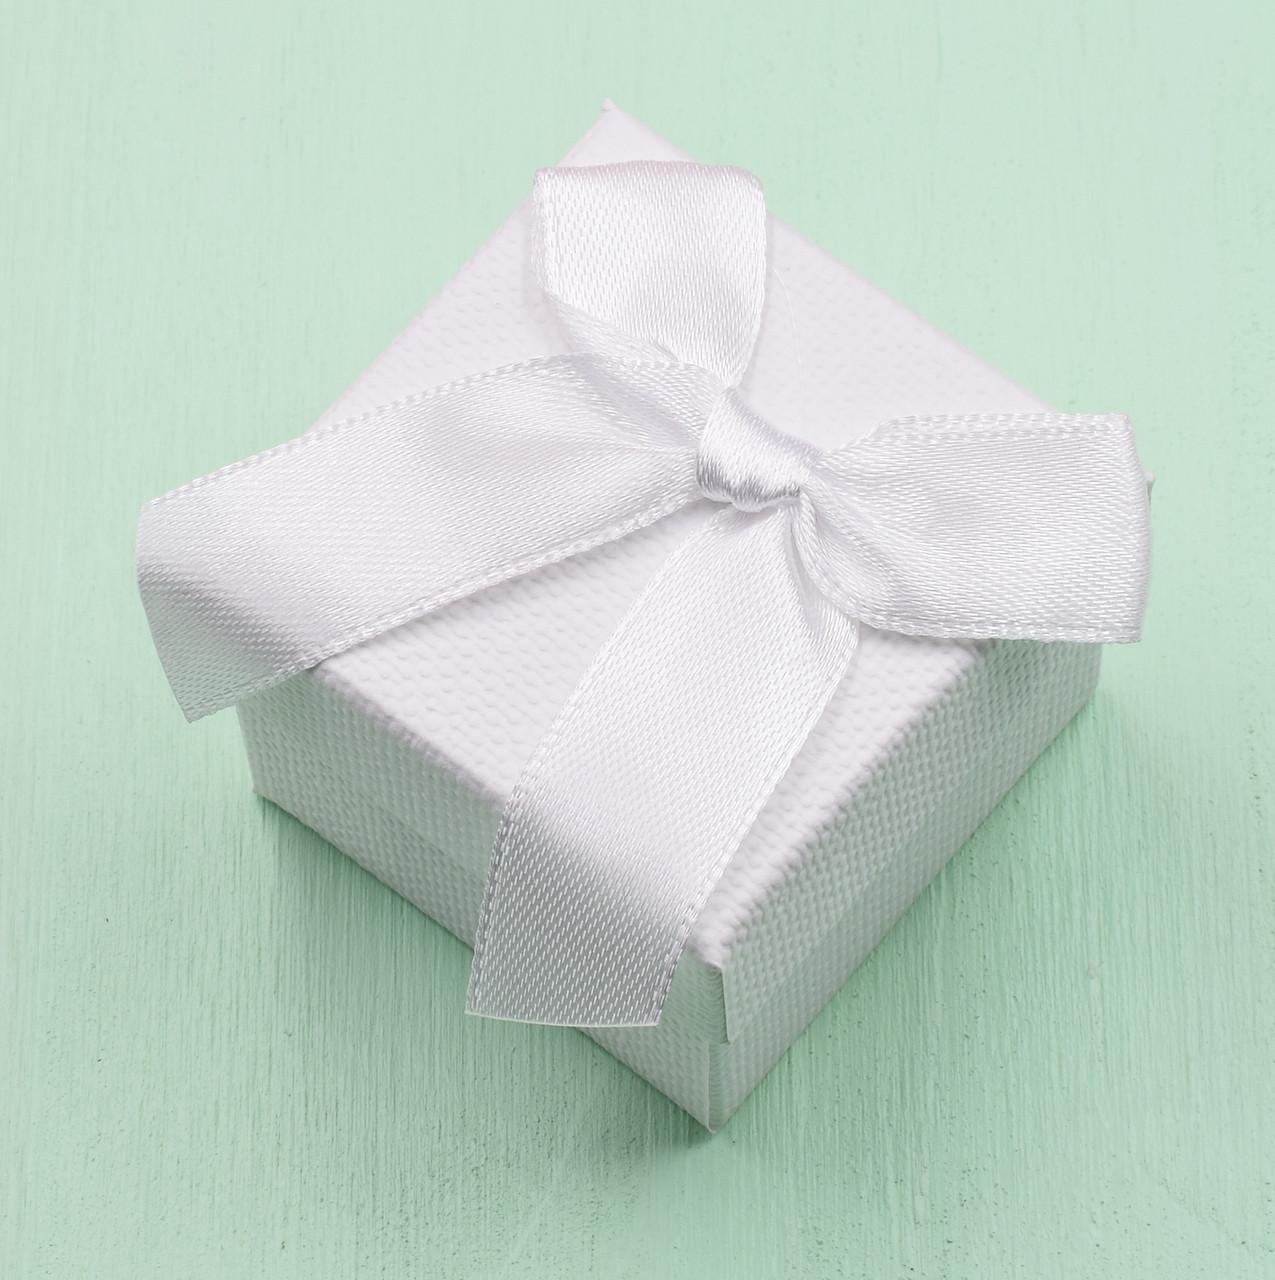 Коробочка для кольца-серег 741080 белая размер 5х5 см